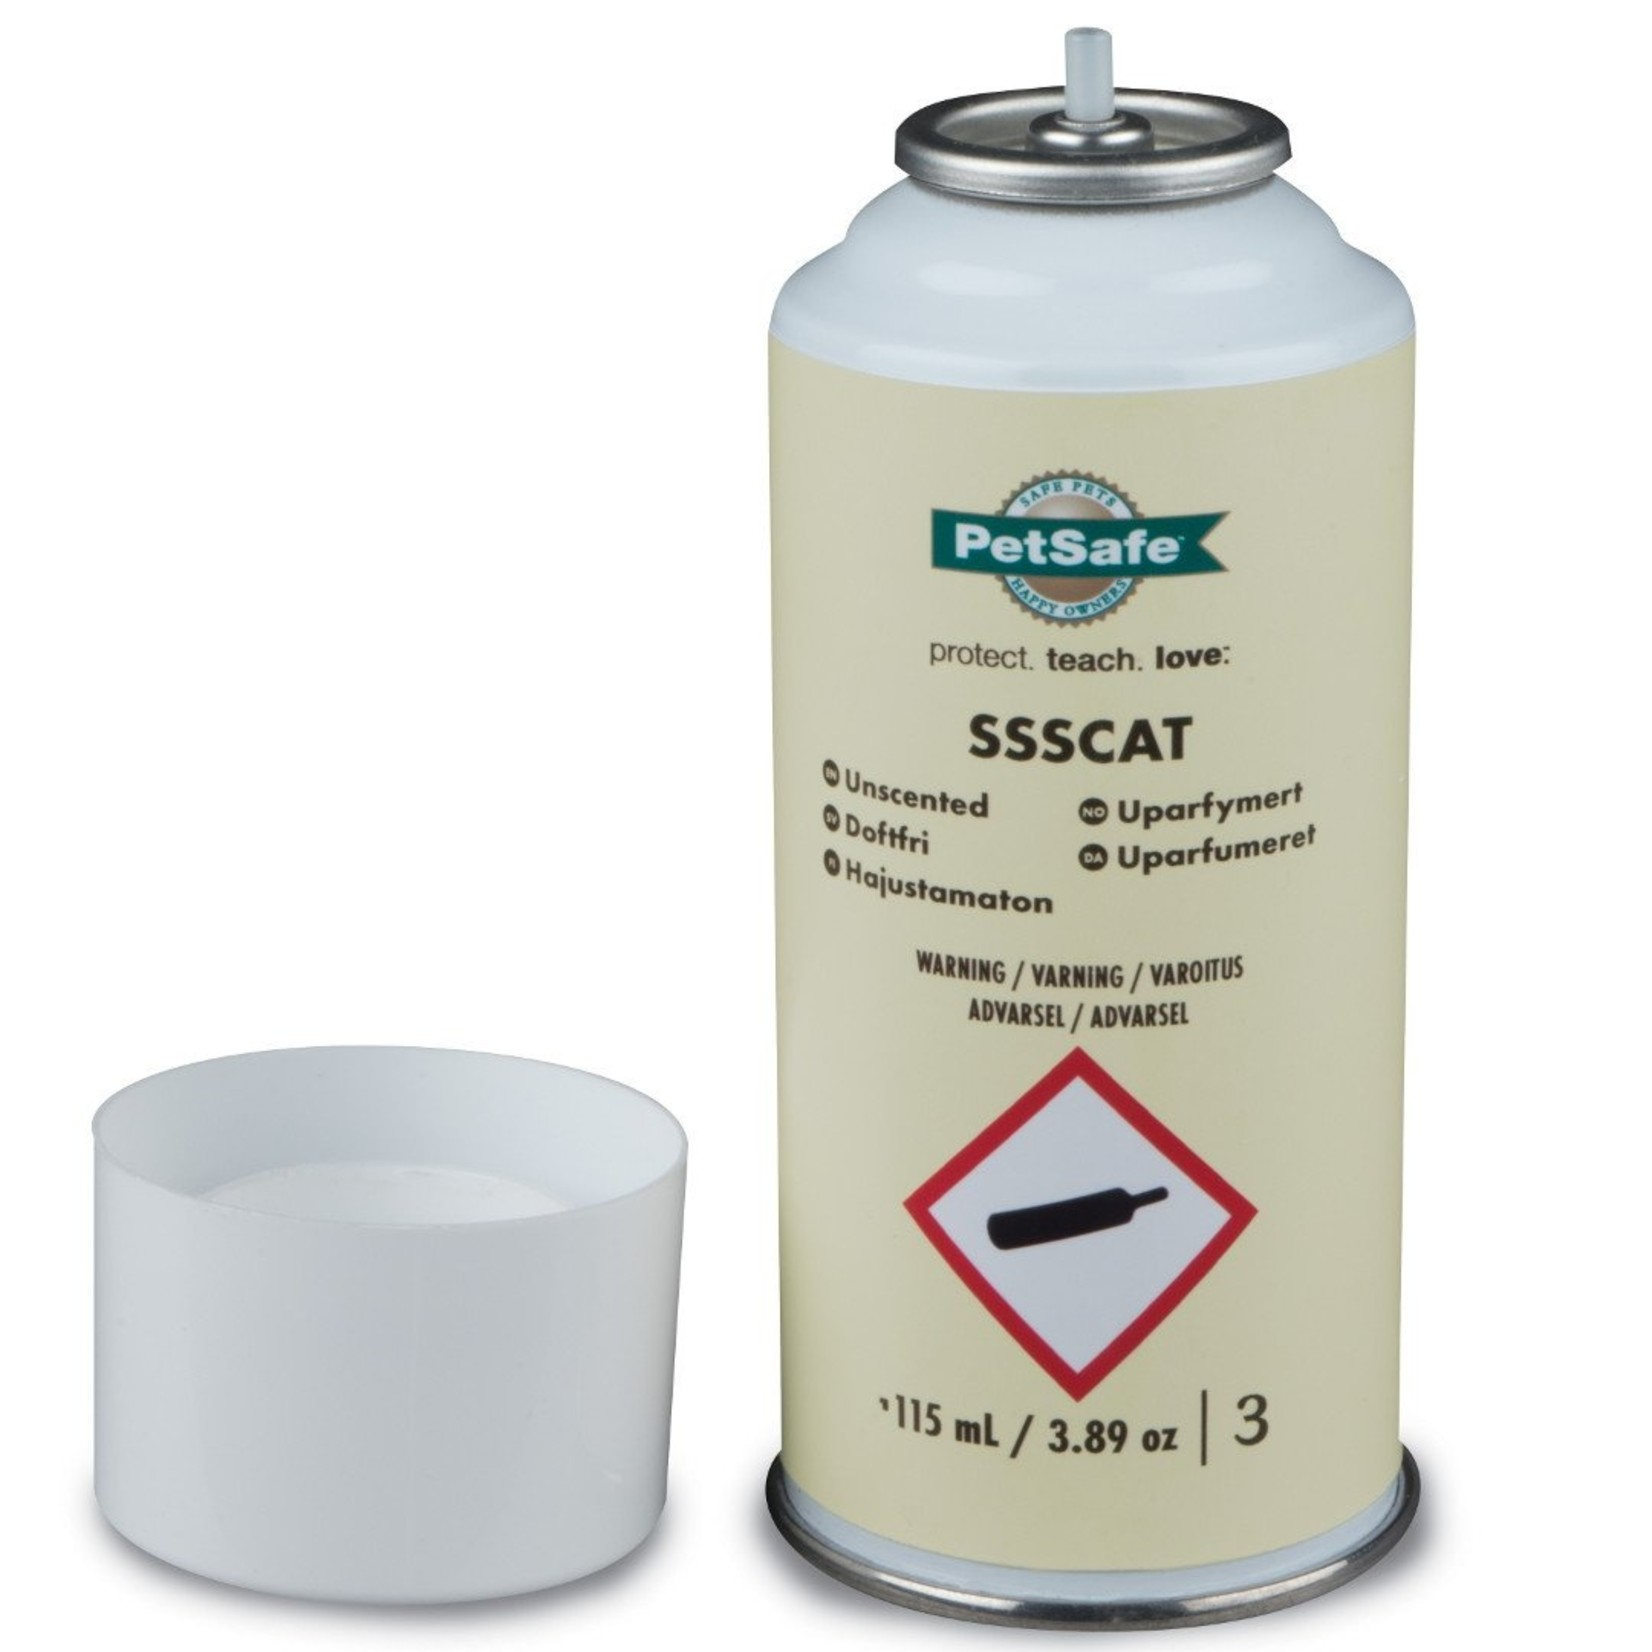 PetSafe SSSCAT kattenverjager navulling 80-100 sprays